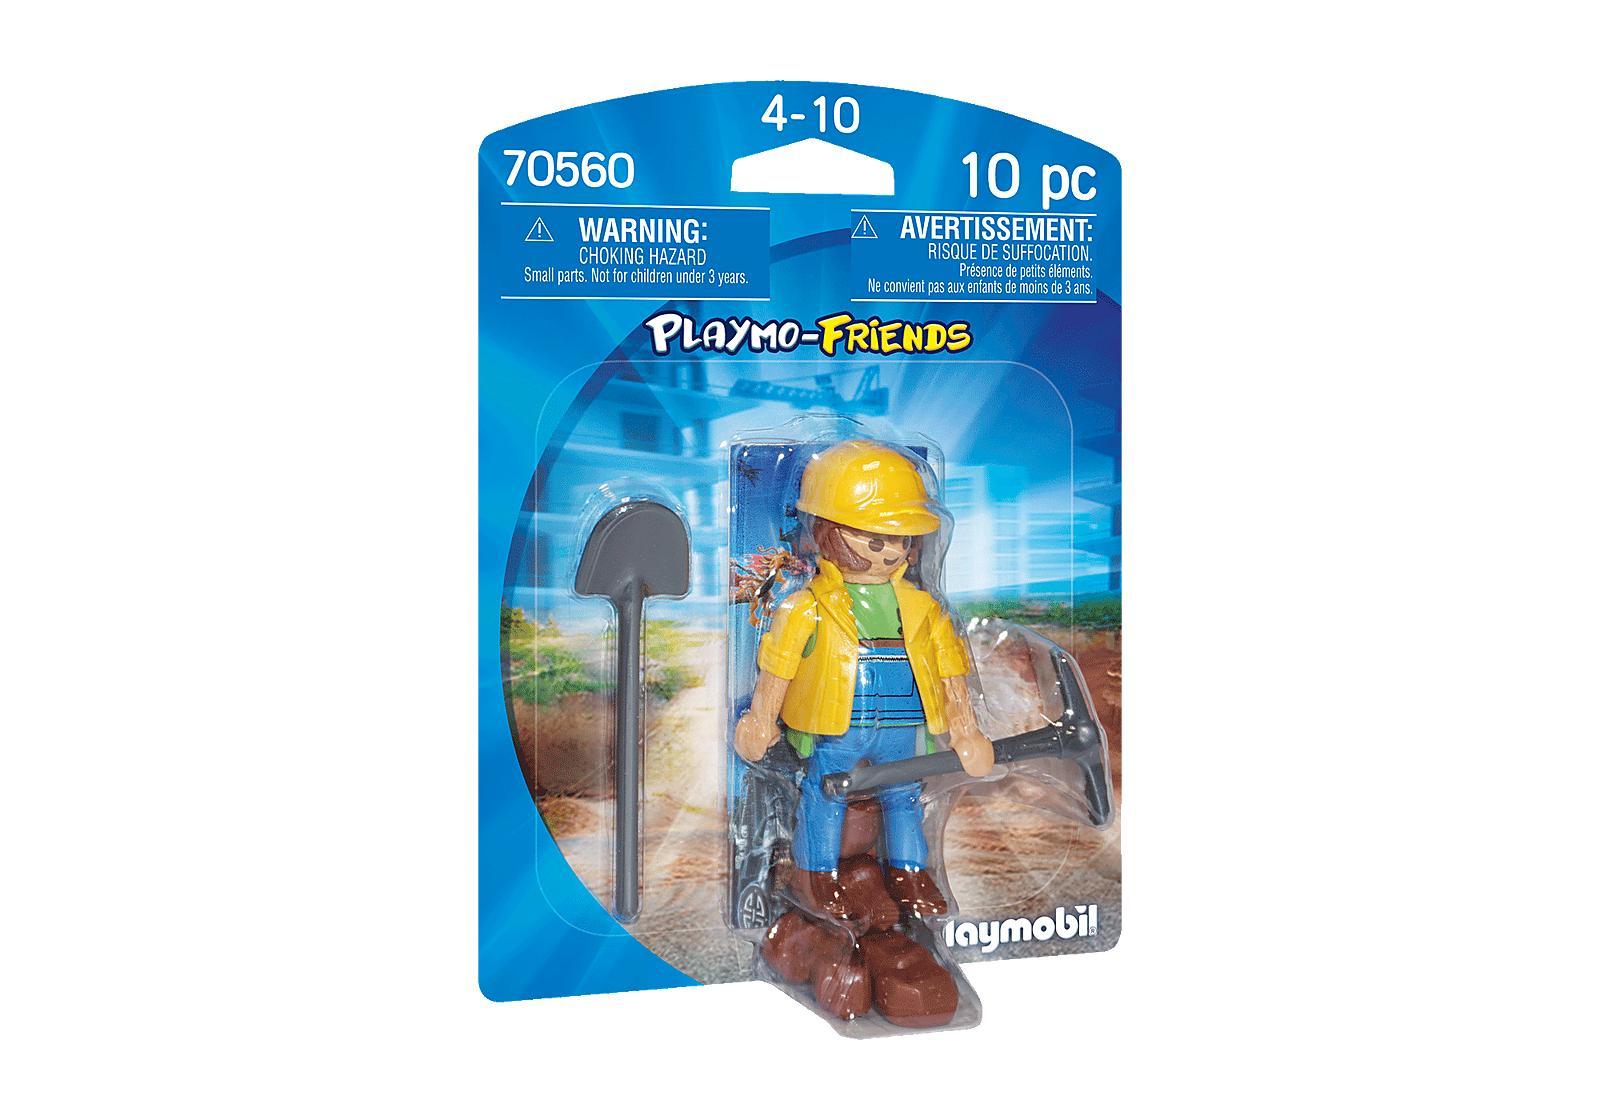 PLAYMOBIL 70560 PLAYMO-FRIENDS OBRERO DE CONSTRUCCION